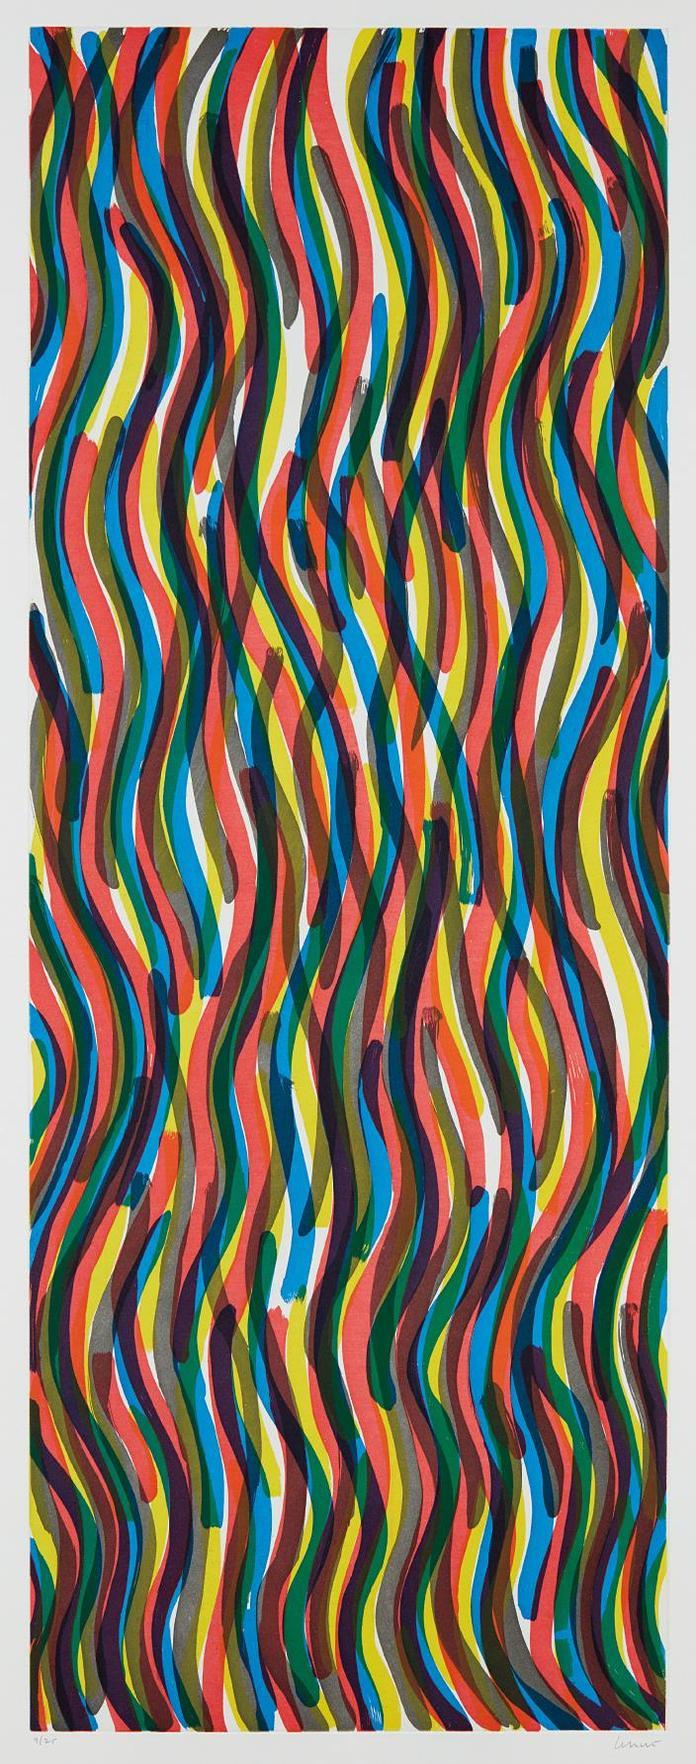 Sol LeWitt-Curvy Brushstrokes I-1997